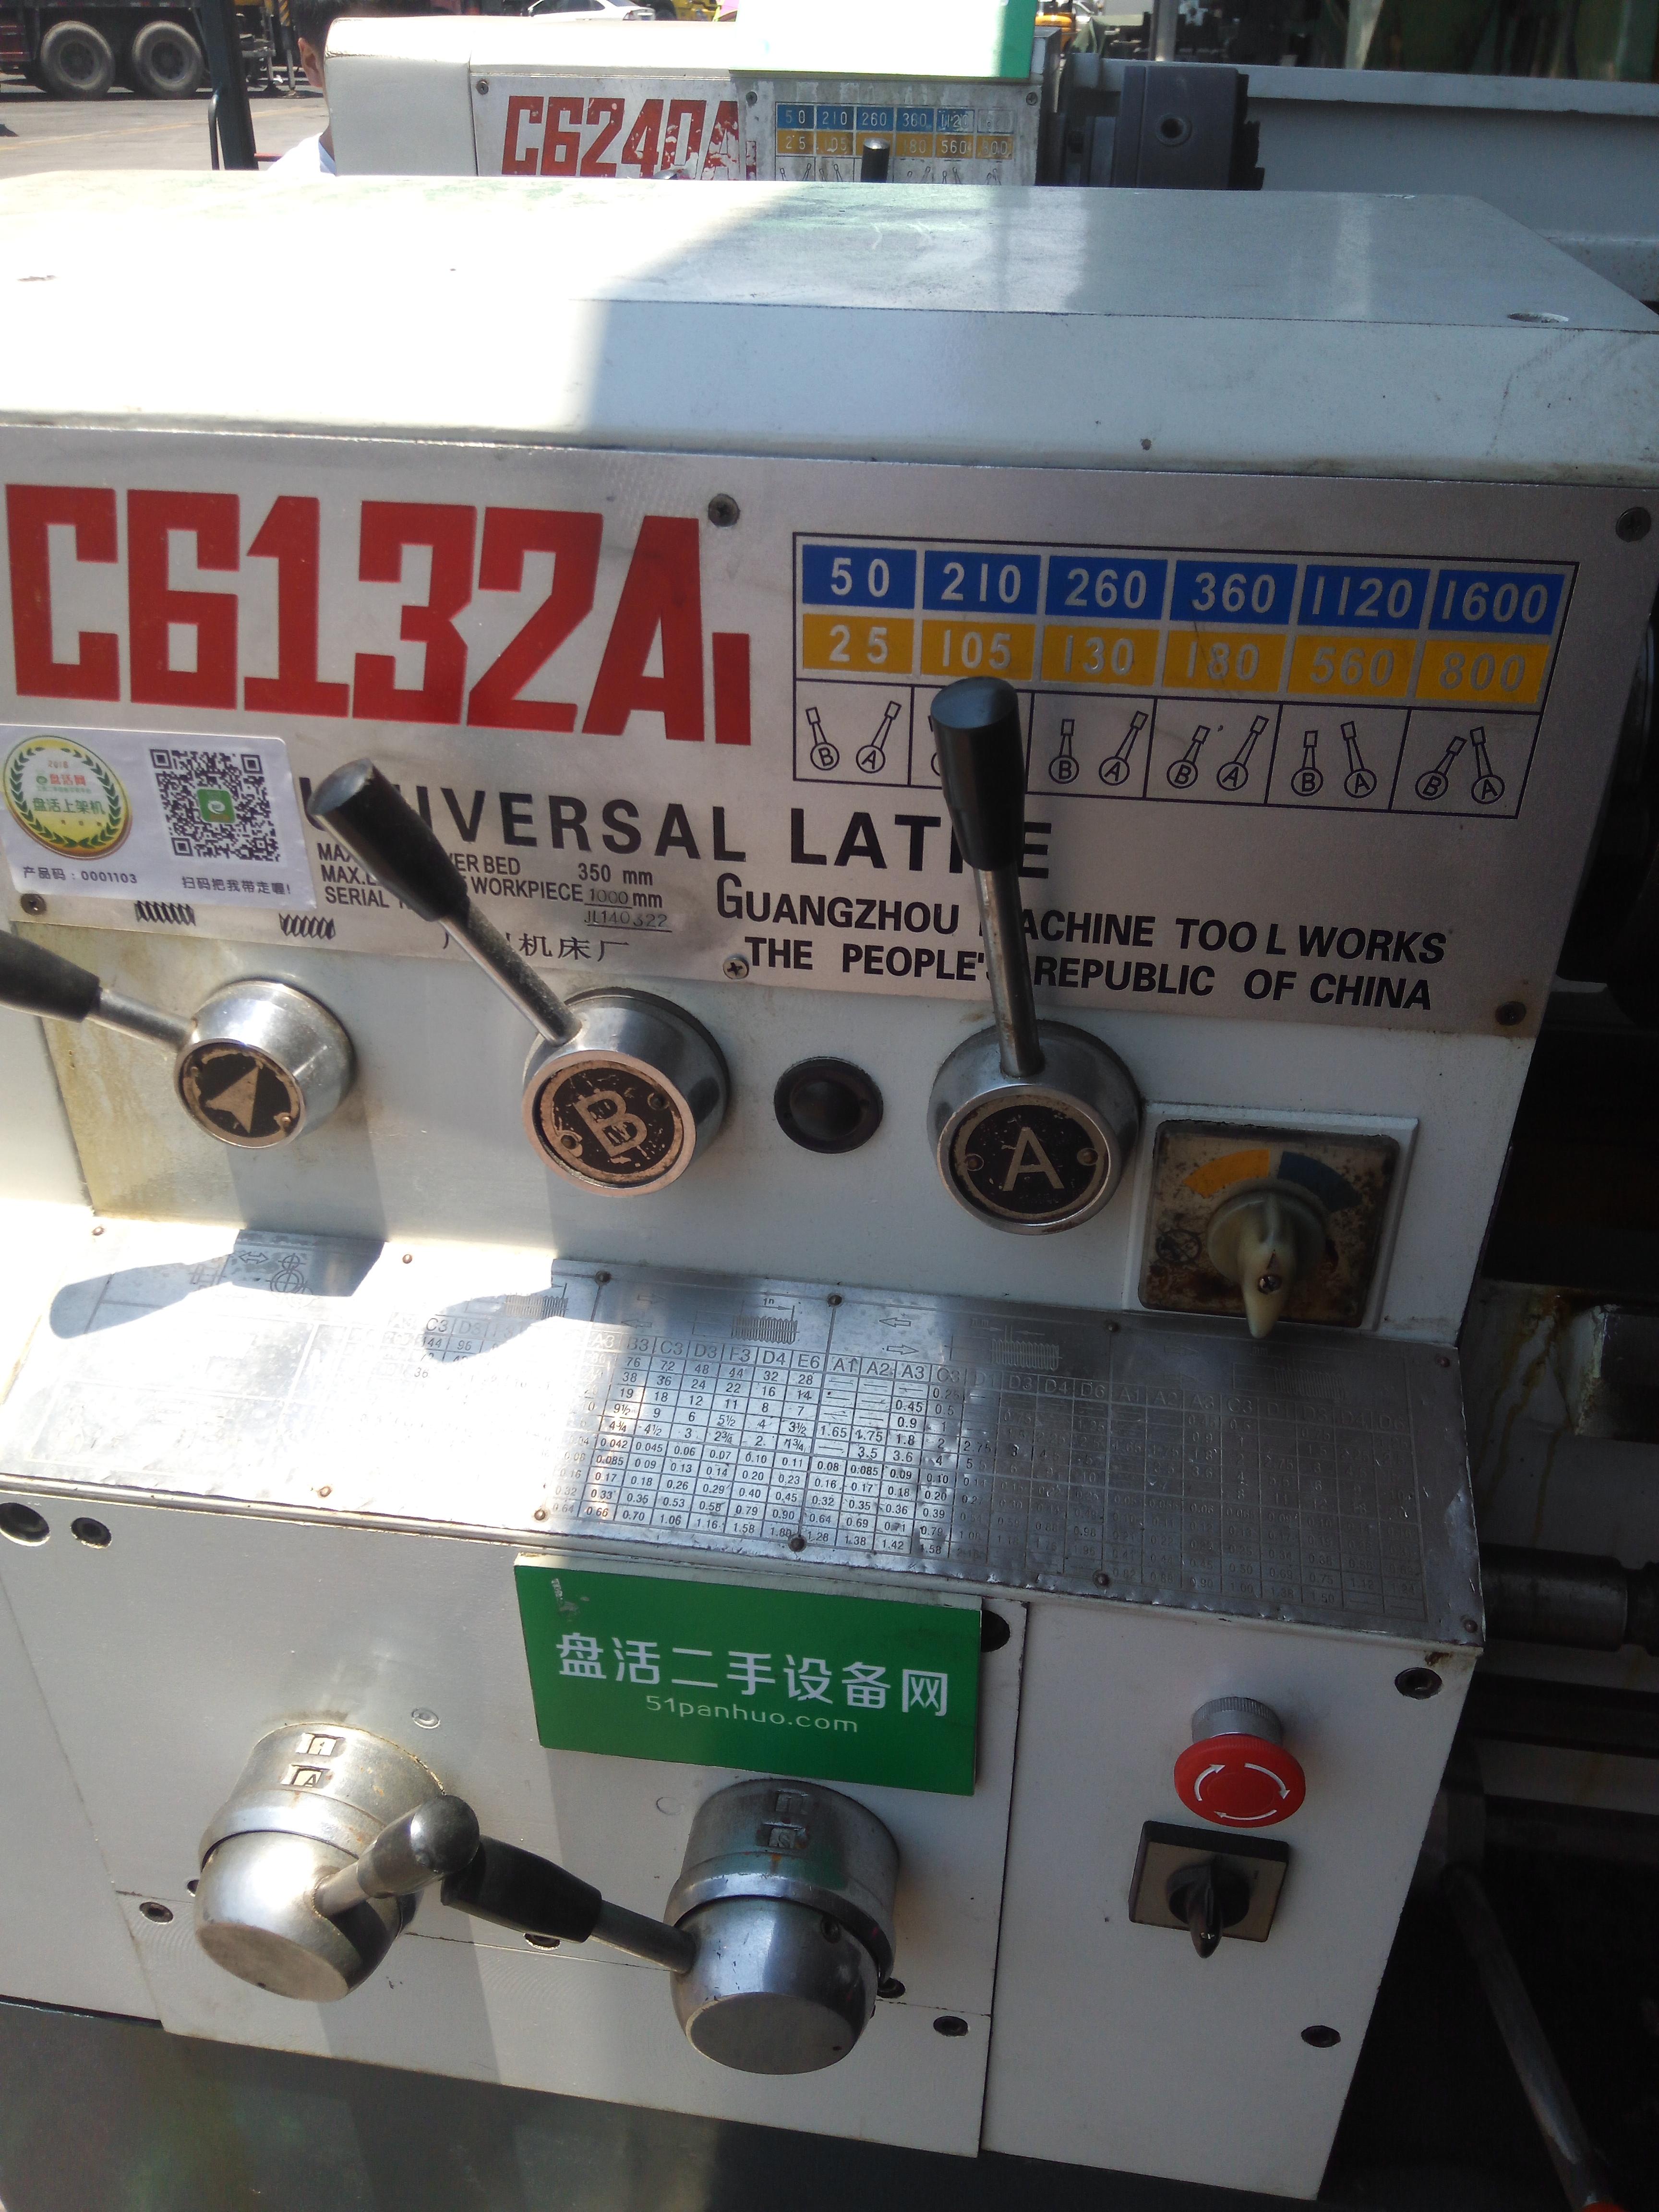 广州机床 手动车床 c6132a